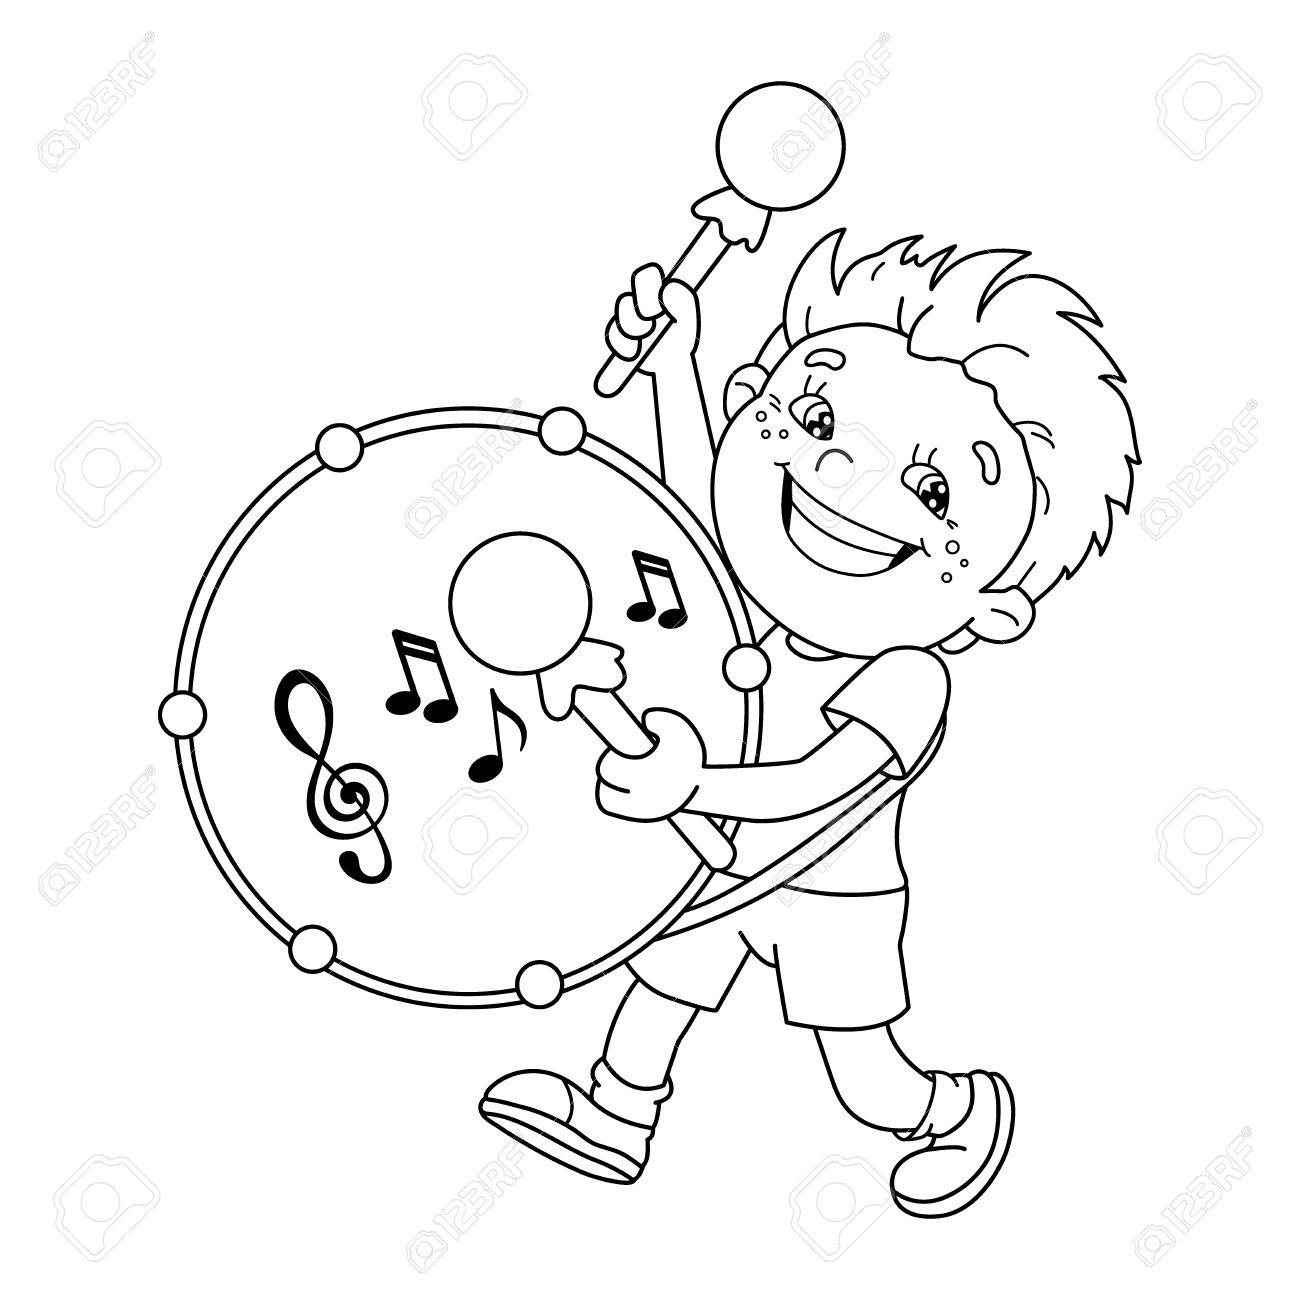 Pagina Para Colorear Esquema De Nino De Dibujos Animados Tocando El